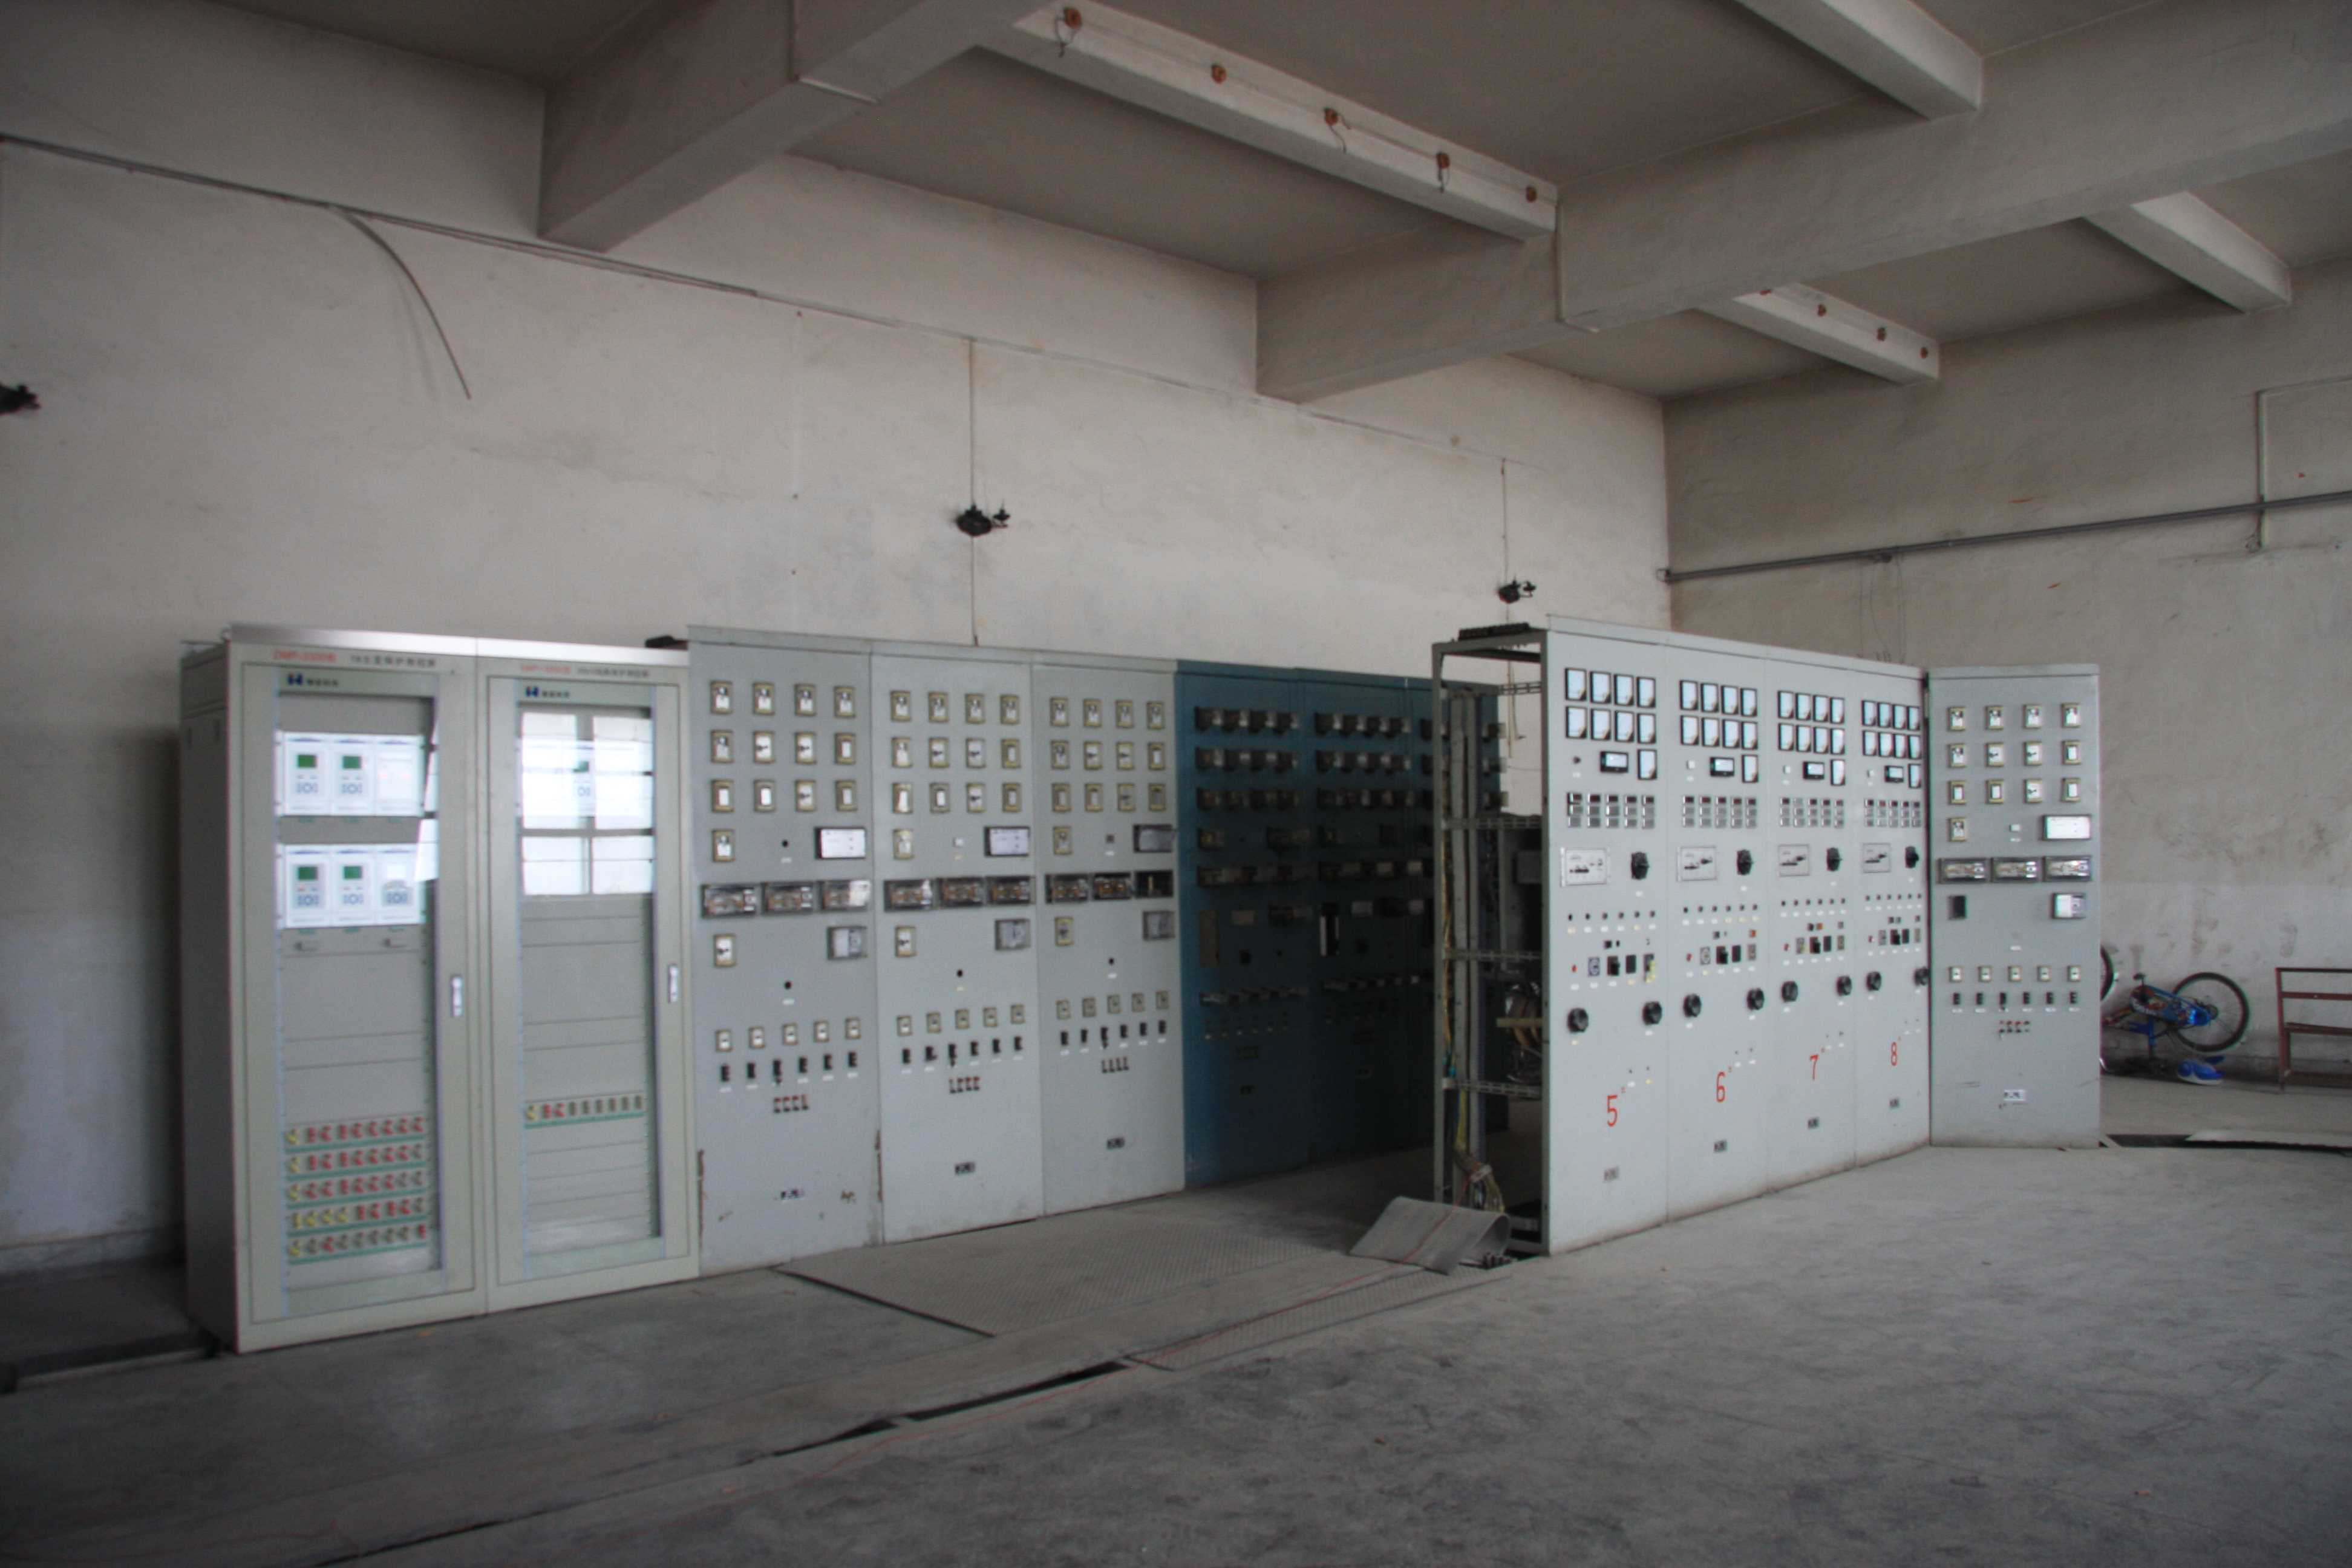 16.國電接入后的配電室